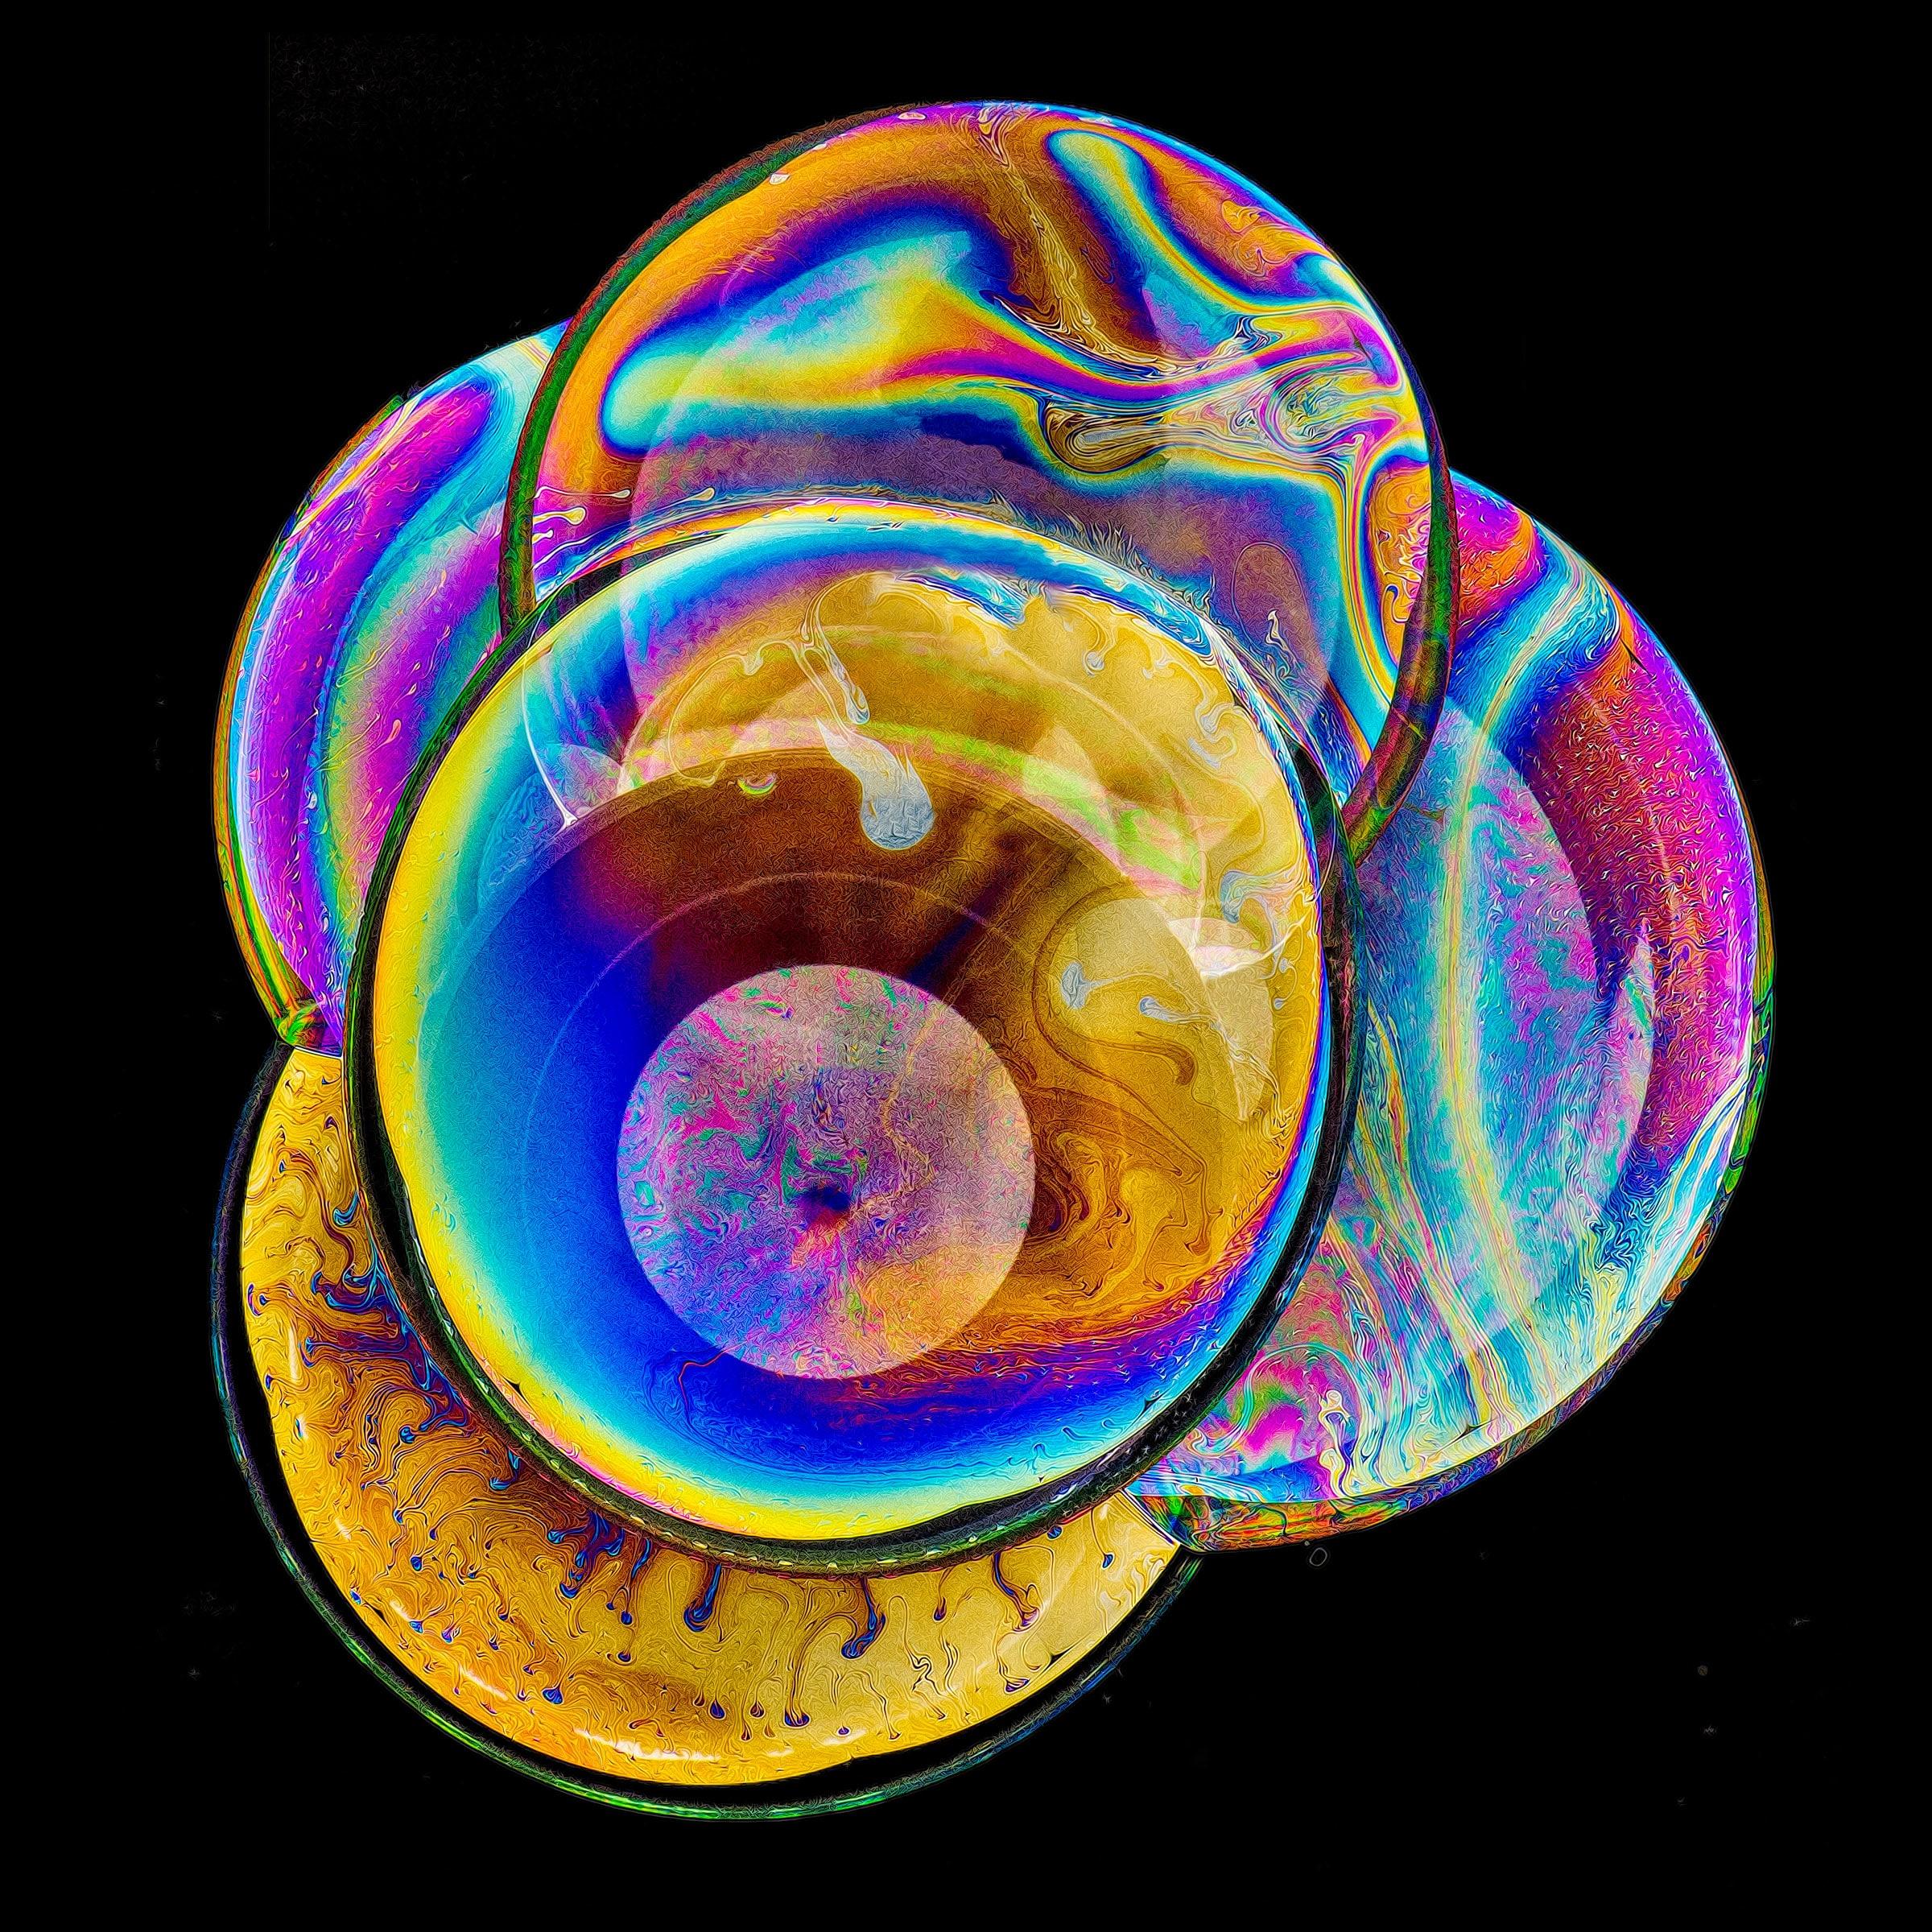 Colorful compound bubbles